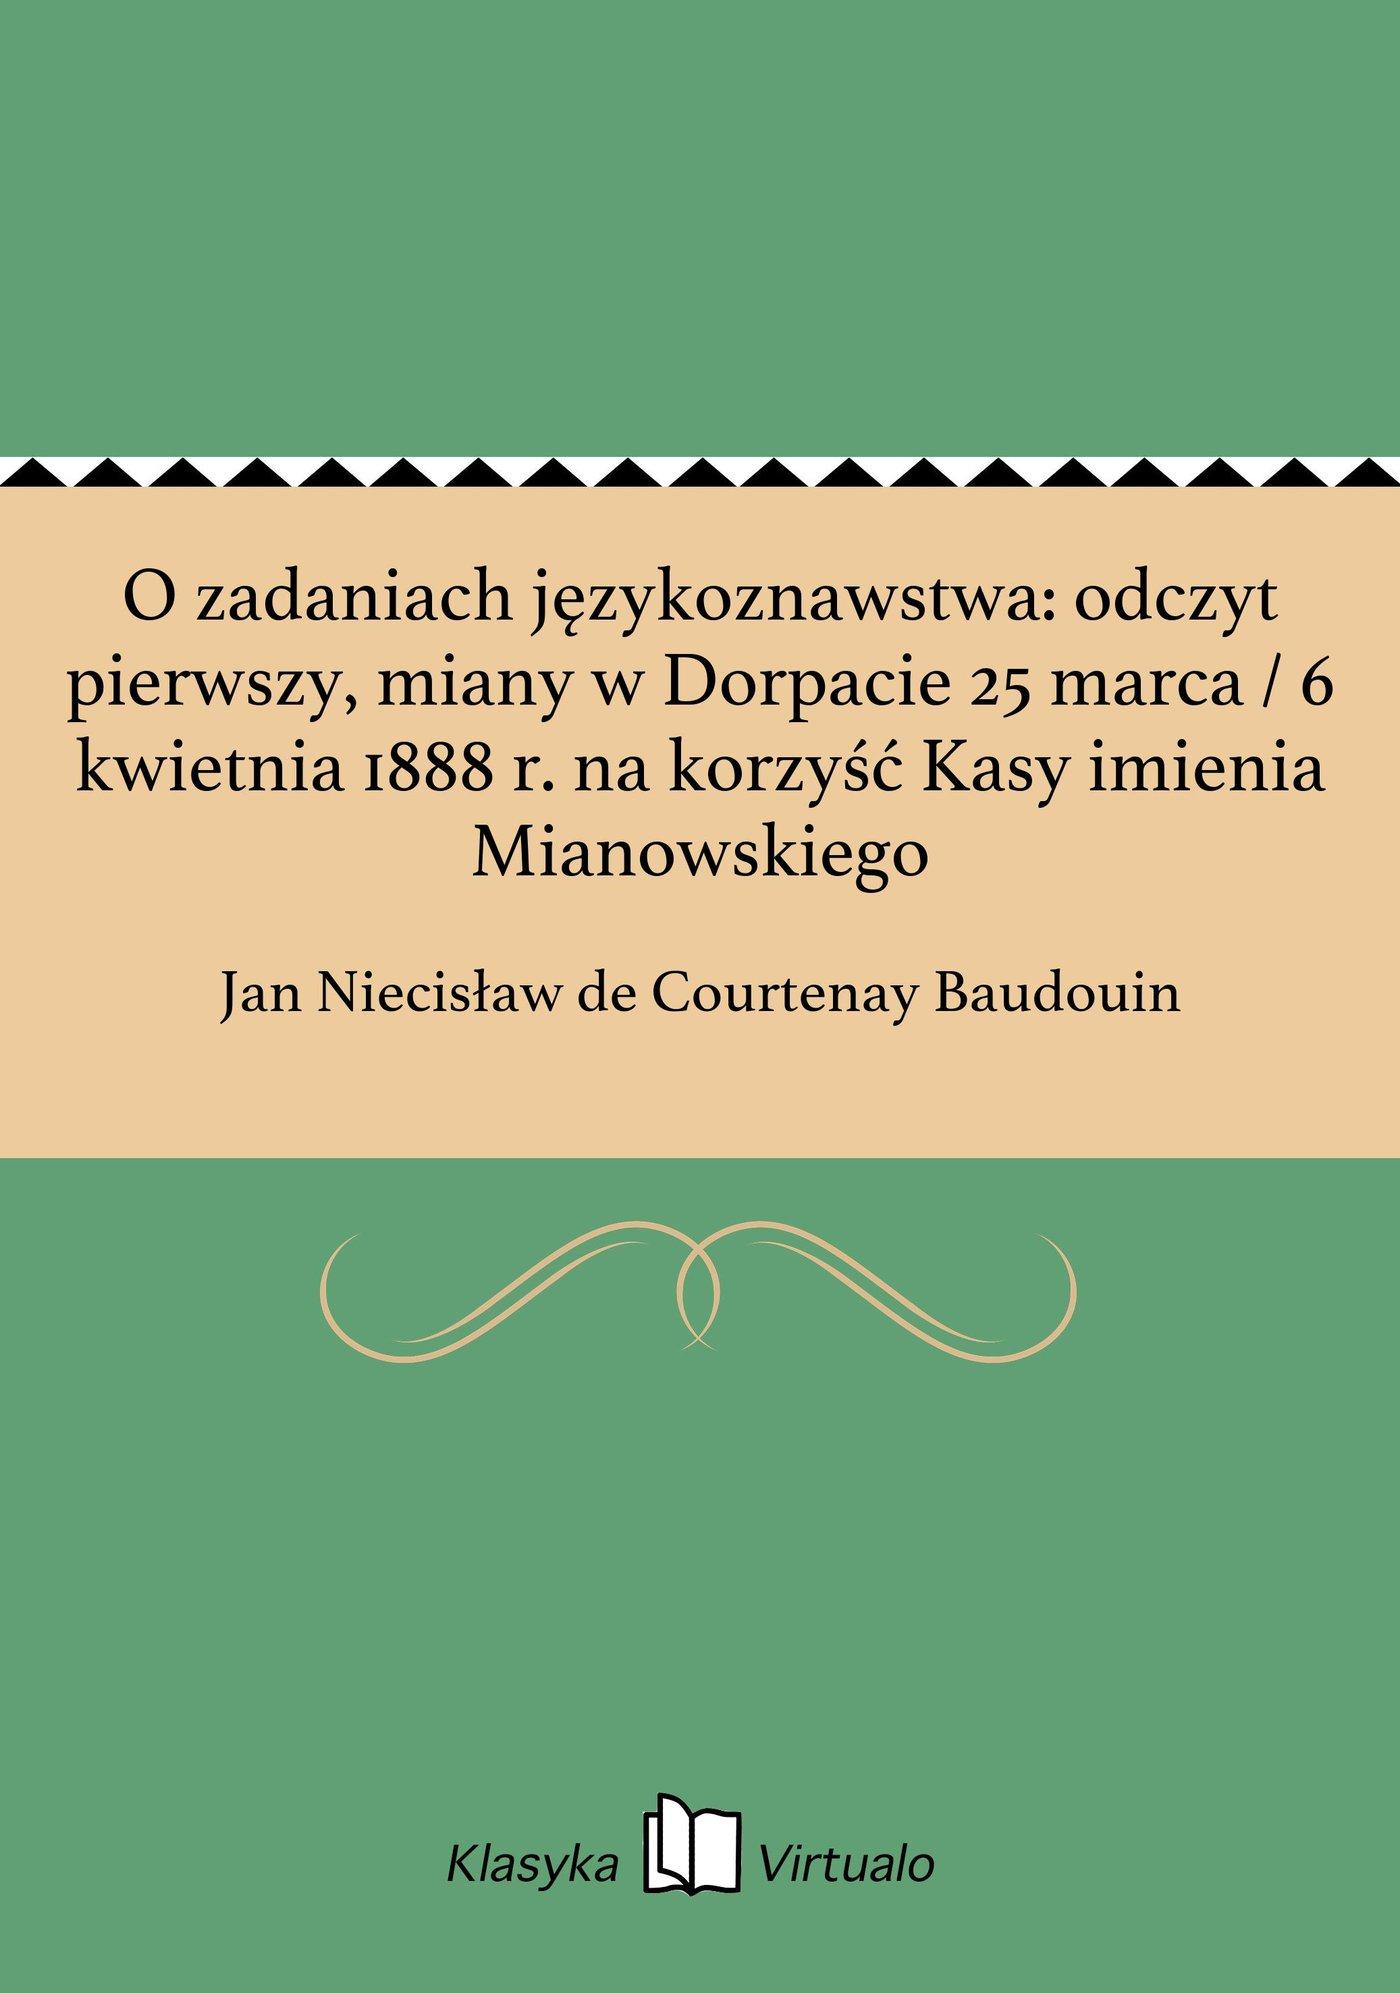 O zadaniach językoznawstwa: odczyt pierwszy, miany w Dorpacie 25 marca / 6 kwietnia 1888 r. na korzyść Kasy imienia Mianowskiego - Ebook (Książka EPUB) do pobrania w formacie EPUB